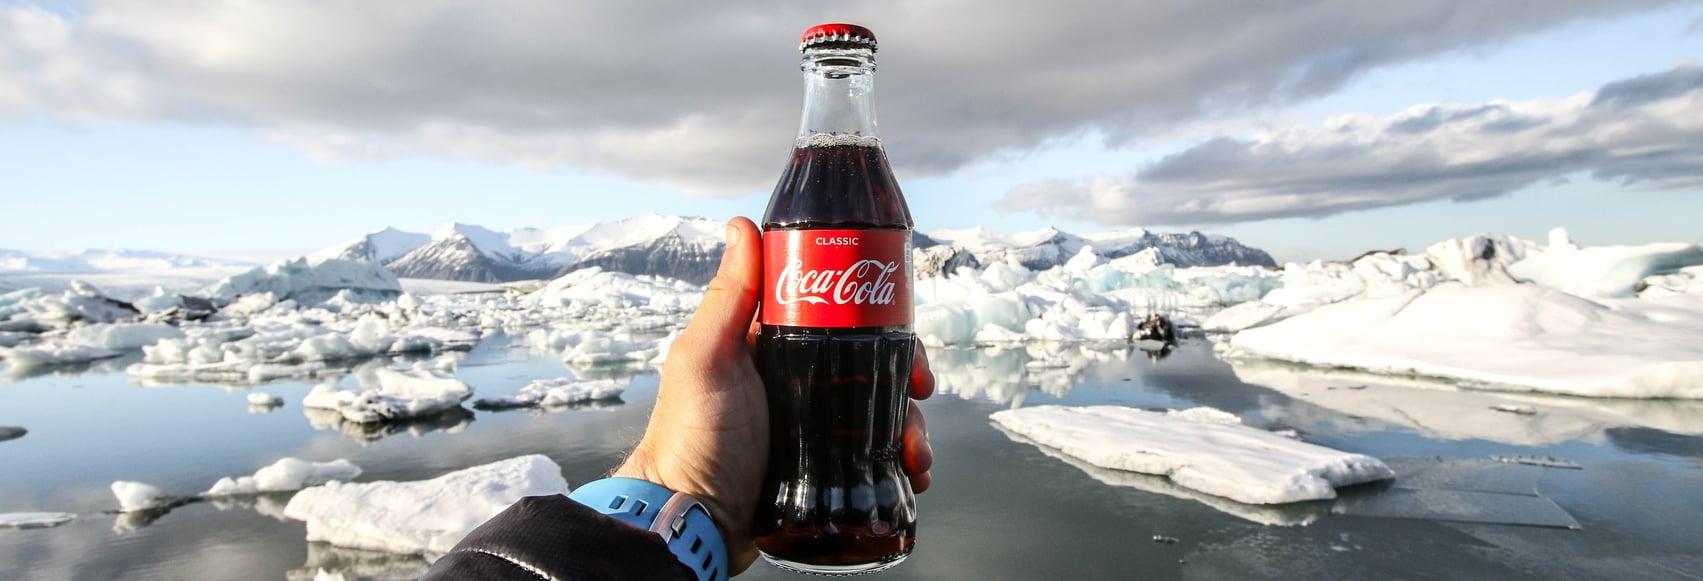 coke 3-653154-edited.jpg